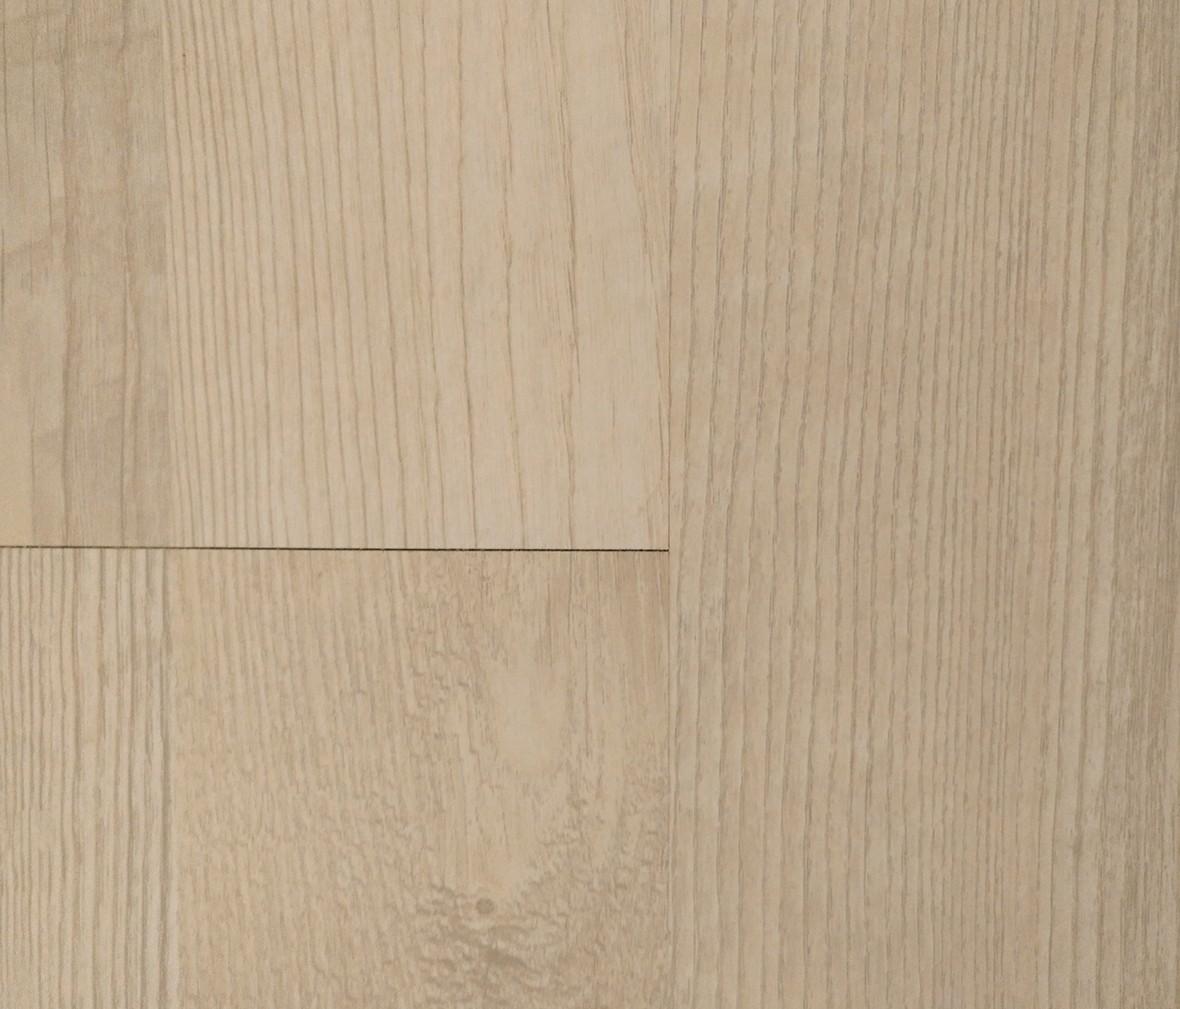 宏耐地板 白色双拼ss903型号强化复合地板 适于地暖 耐用持久 商品情景商品细节商品实拍